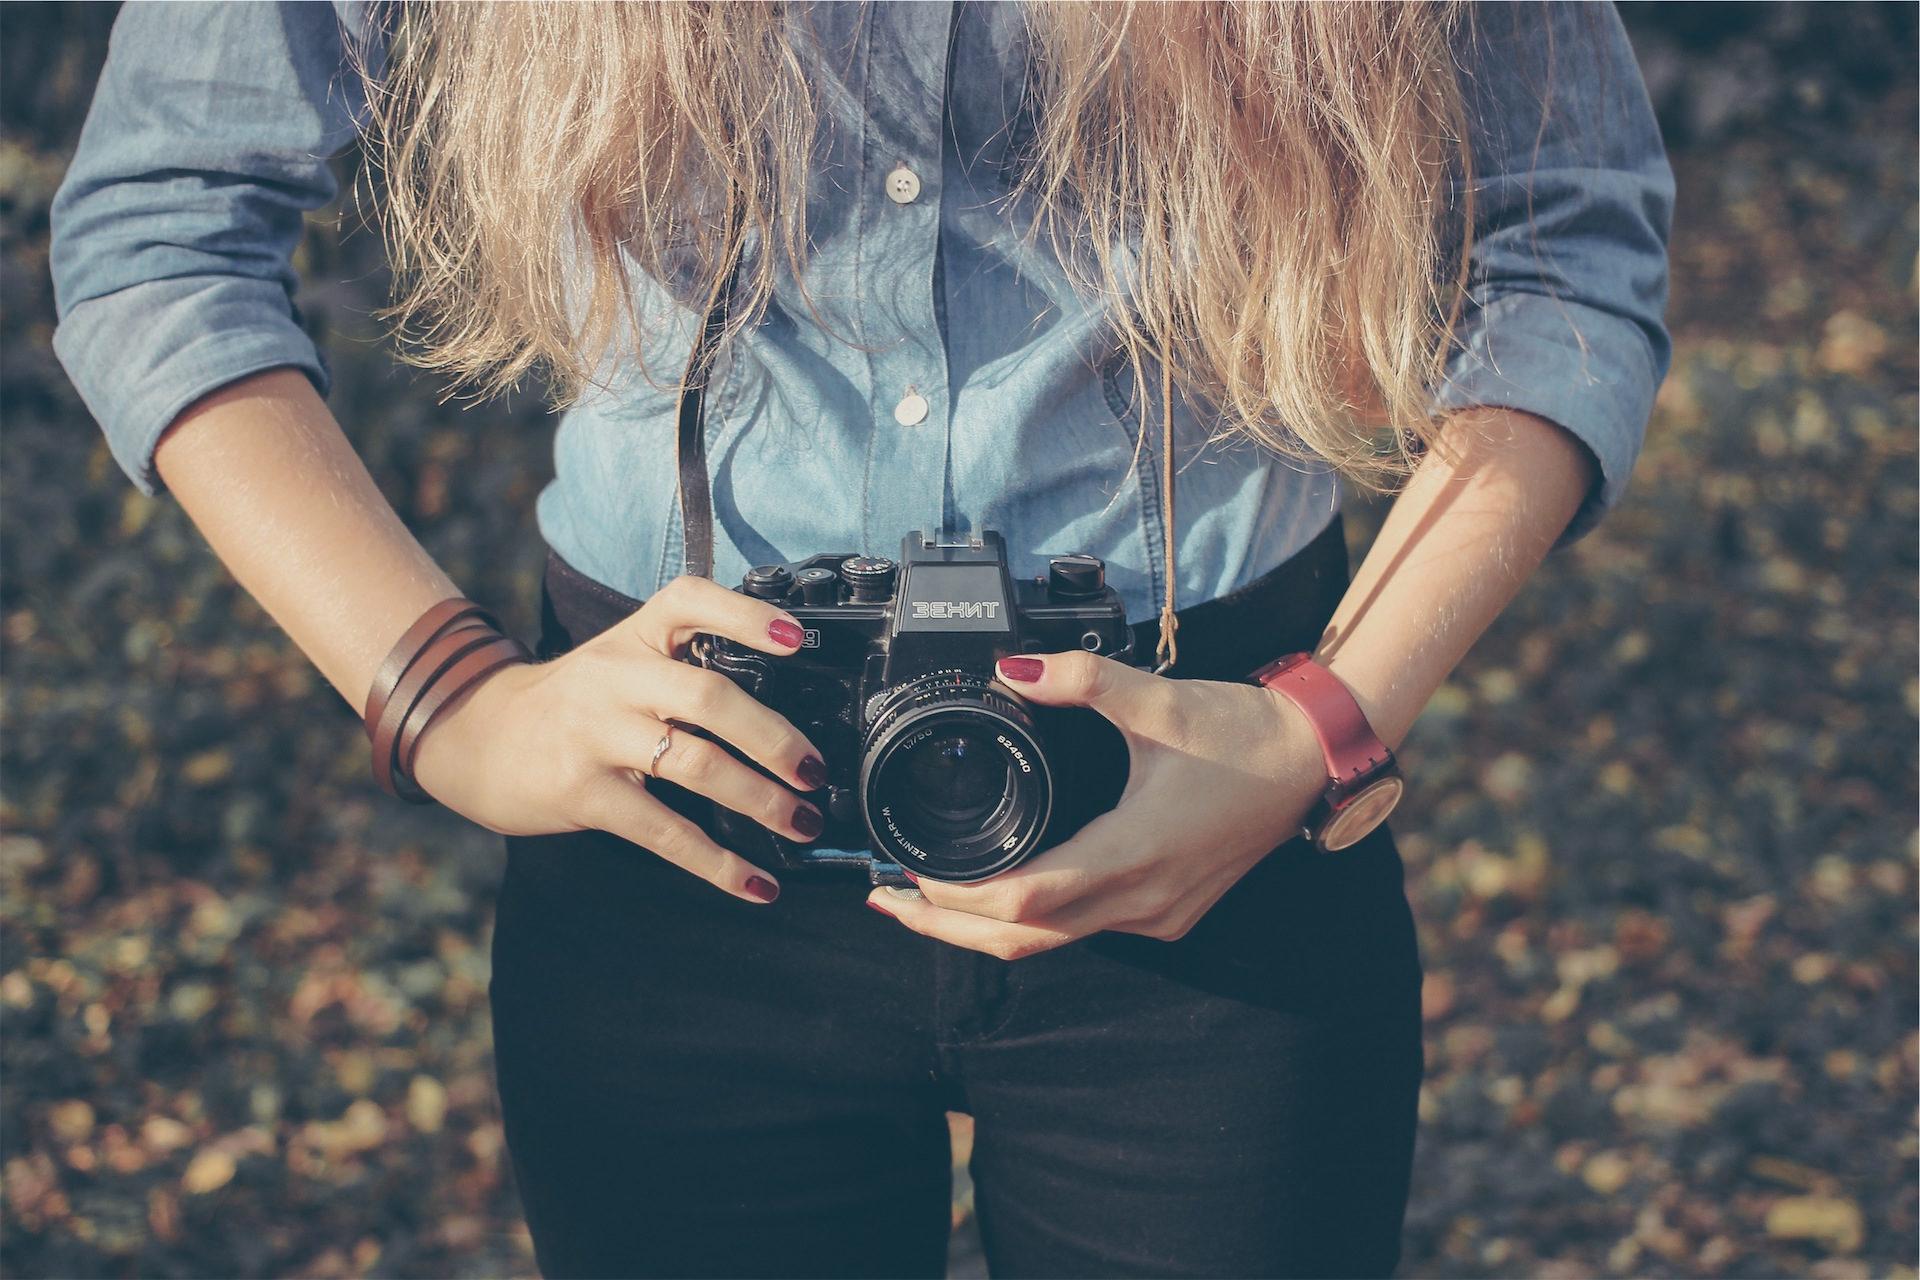 fotocamera, donna, capelli, mani, Orologio - Sfondi HD - Professor-falken.com